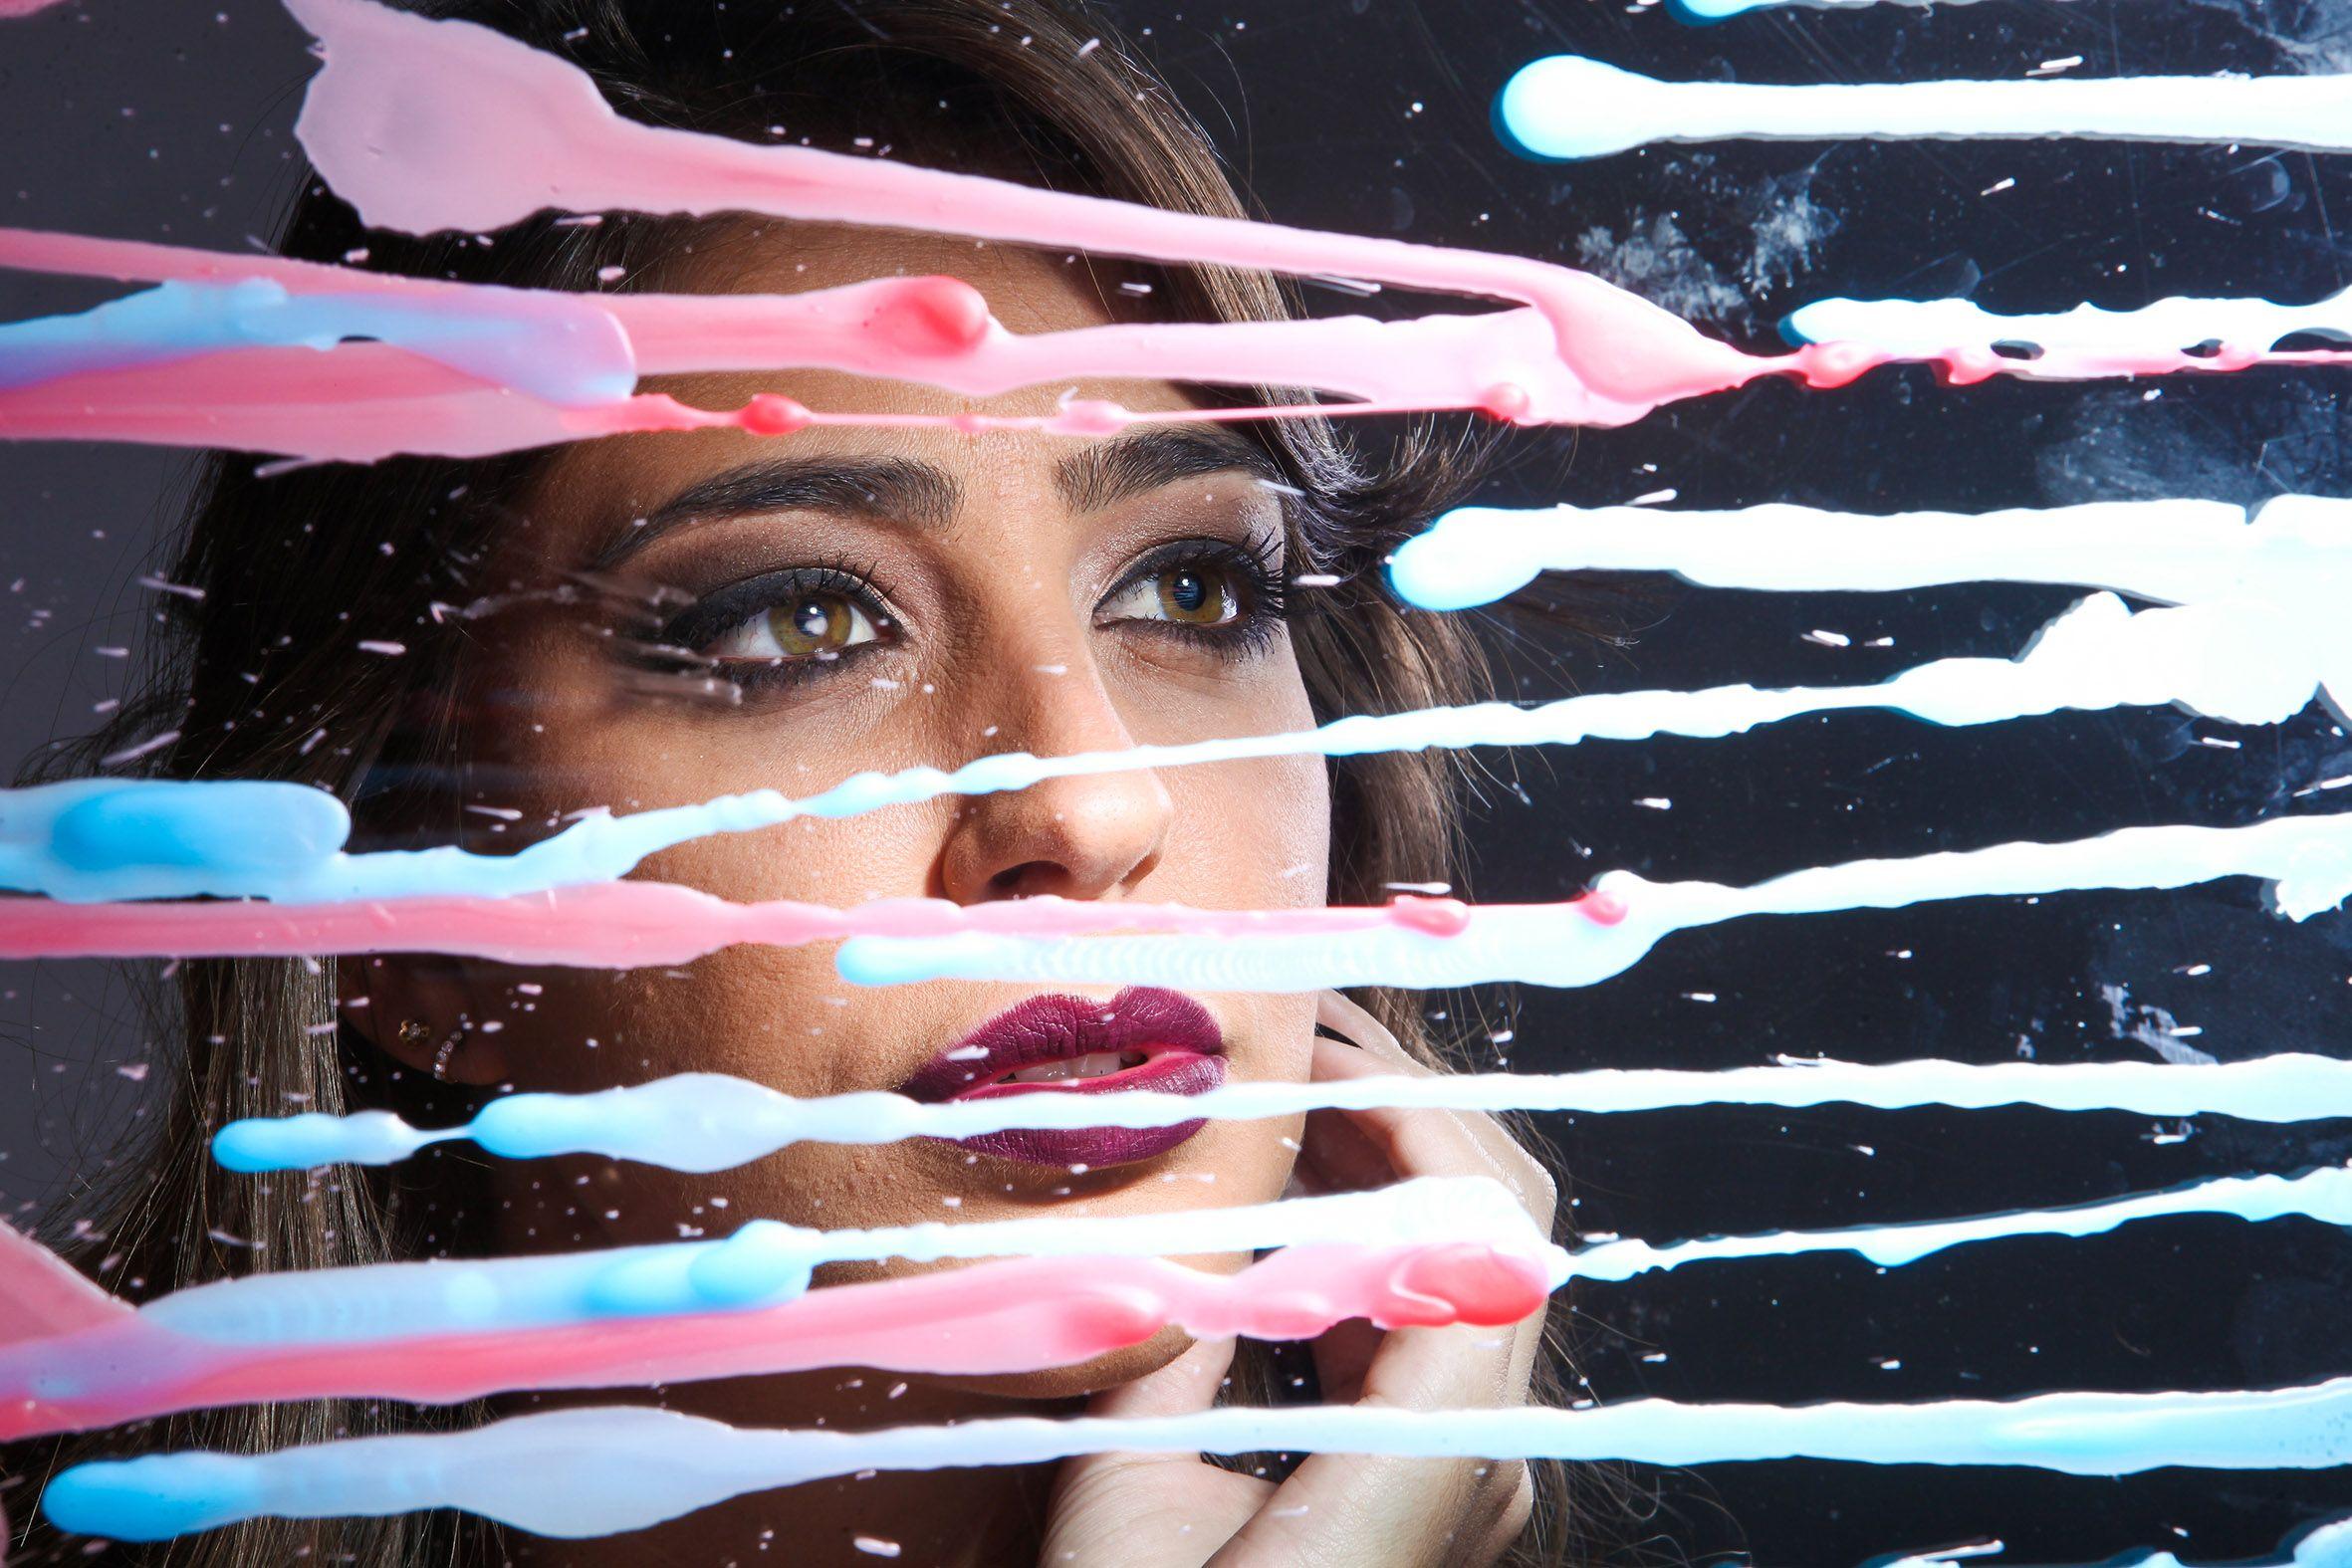 Fotos feita com vidro e cera de vela colorida